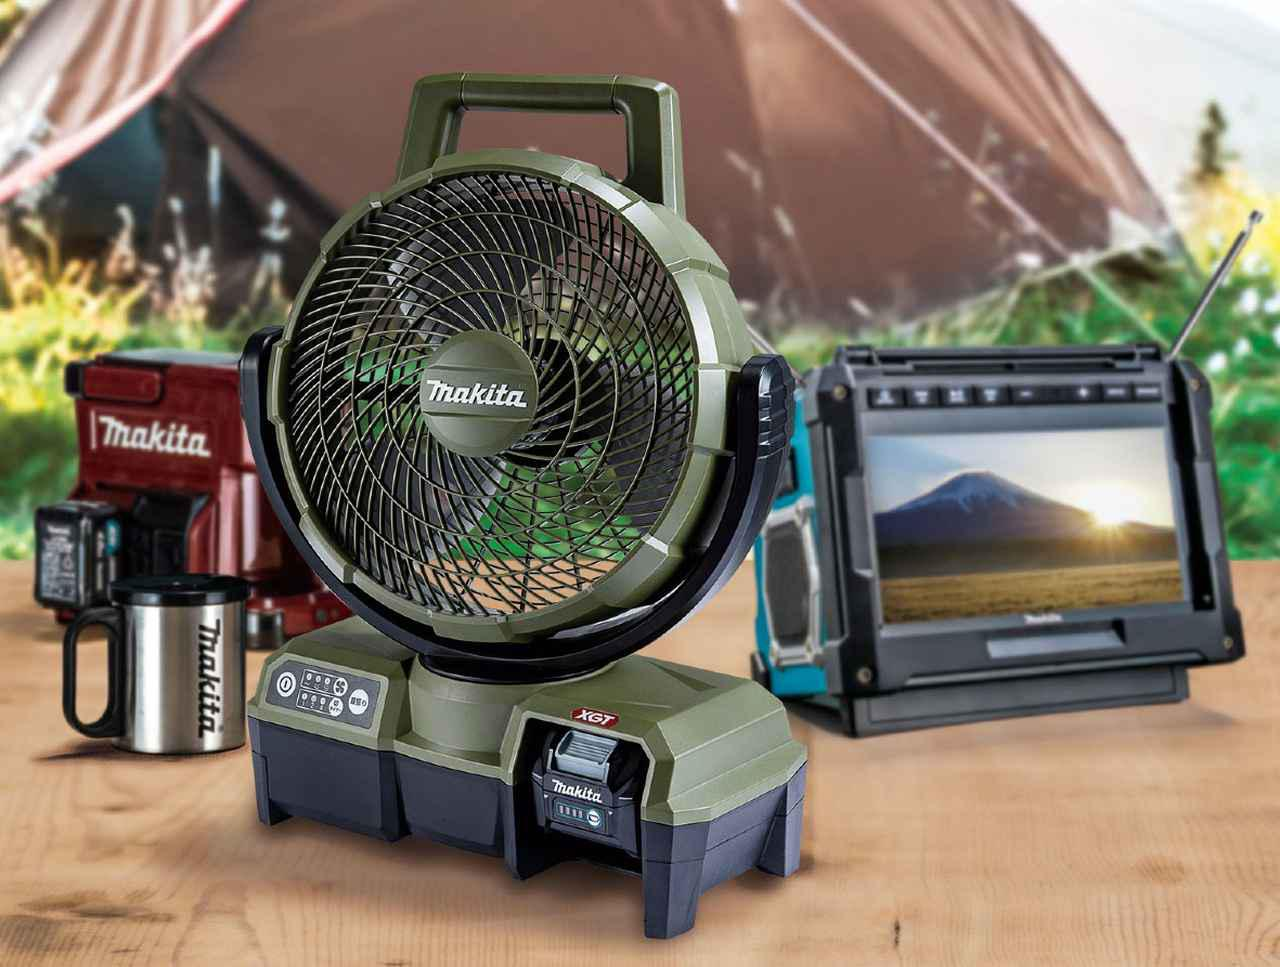 画像: 寝苦しい夜よ、サラバ! 夏の車中泊キャンプは「ファン」の力で熱気対策! - アウトドア情報メディア「SOTOBIRA」